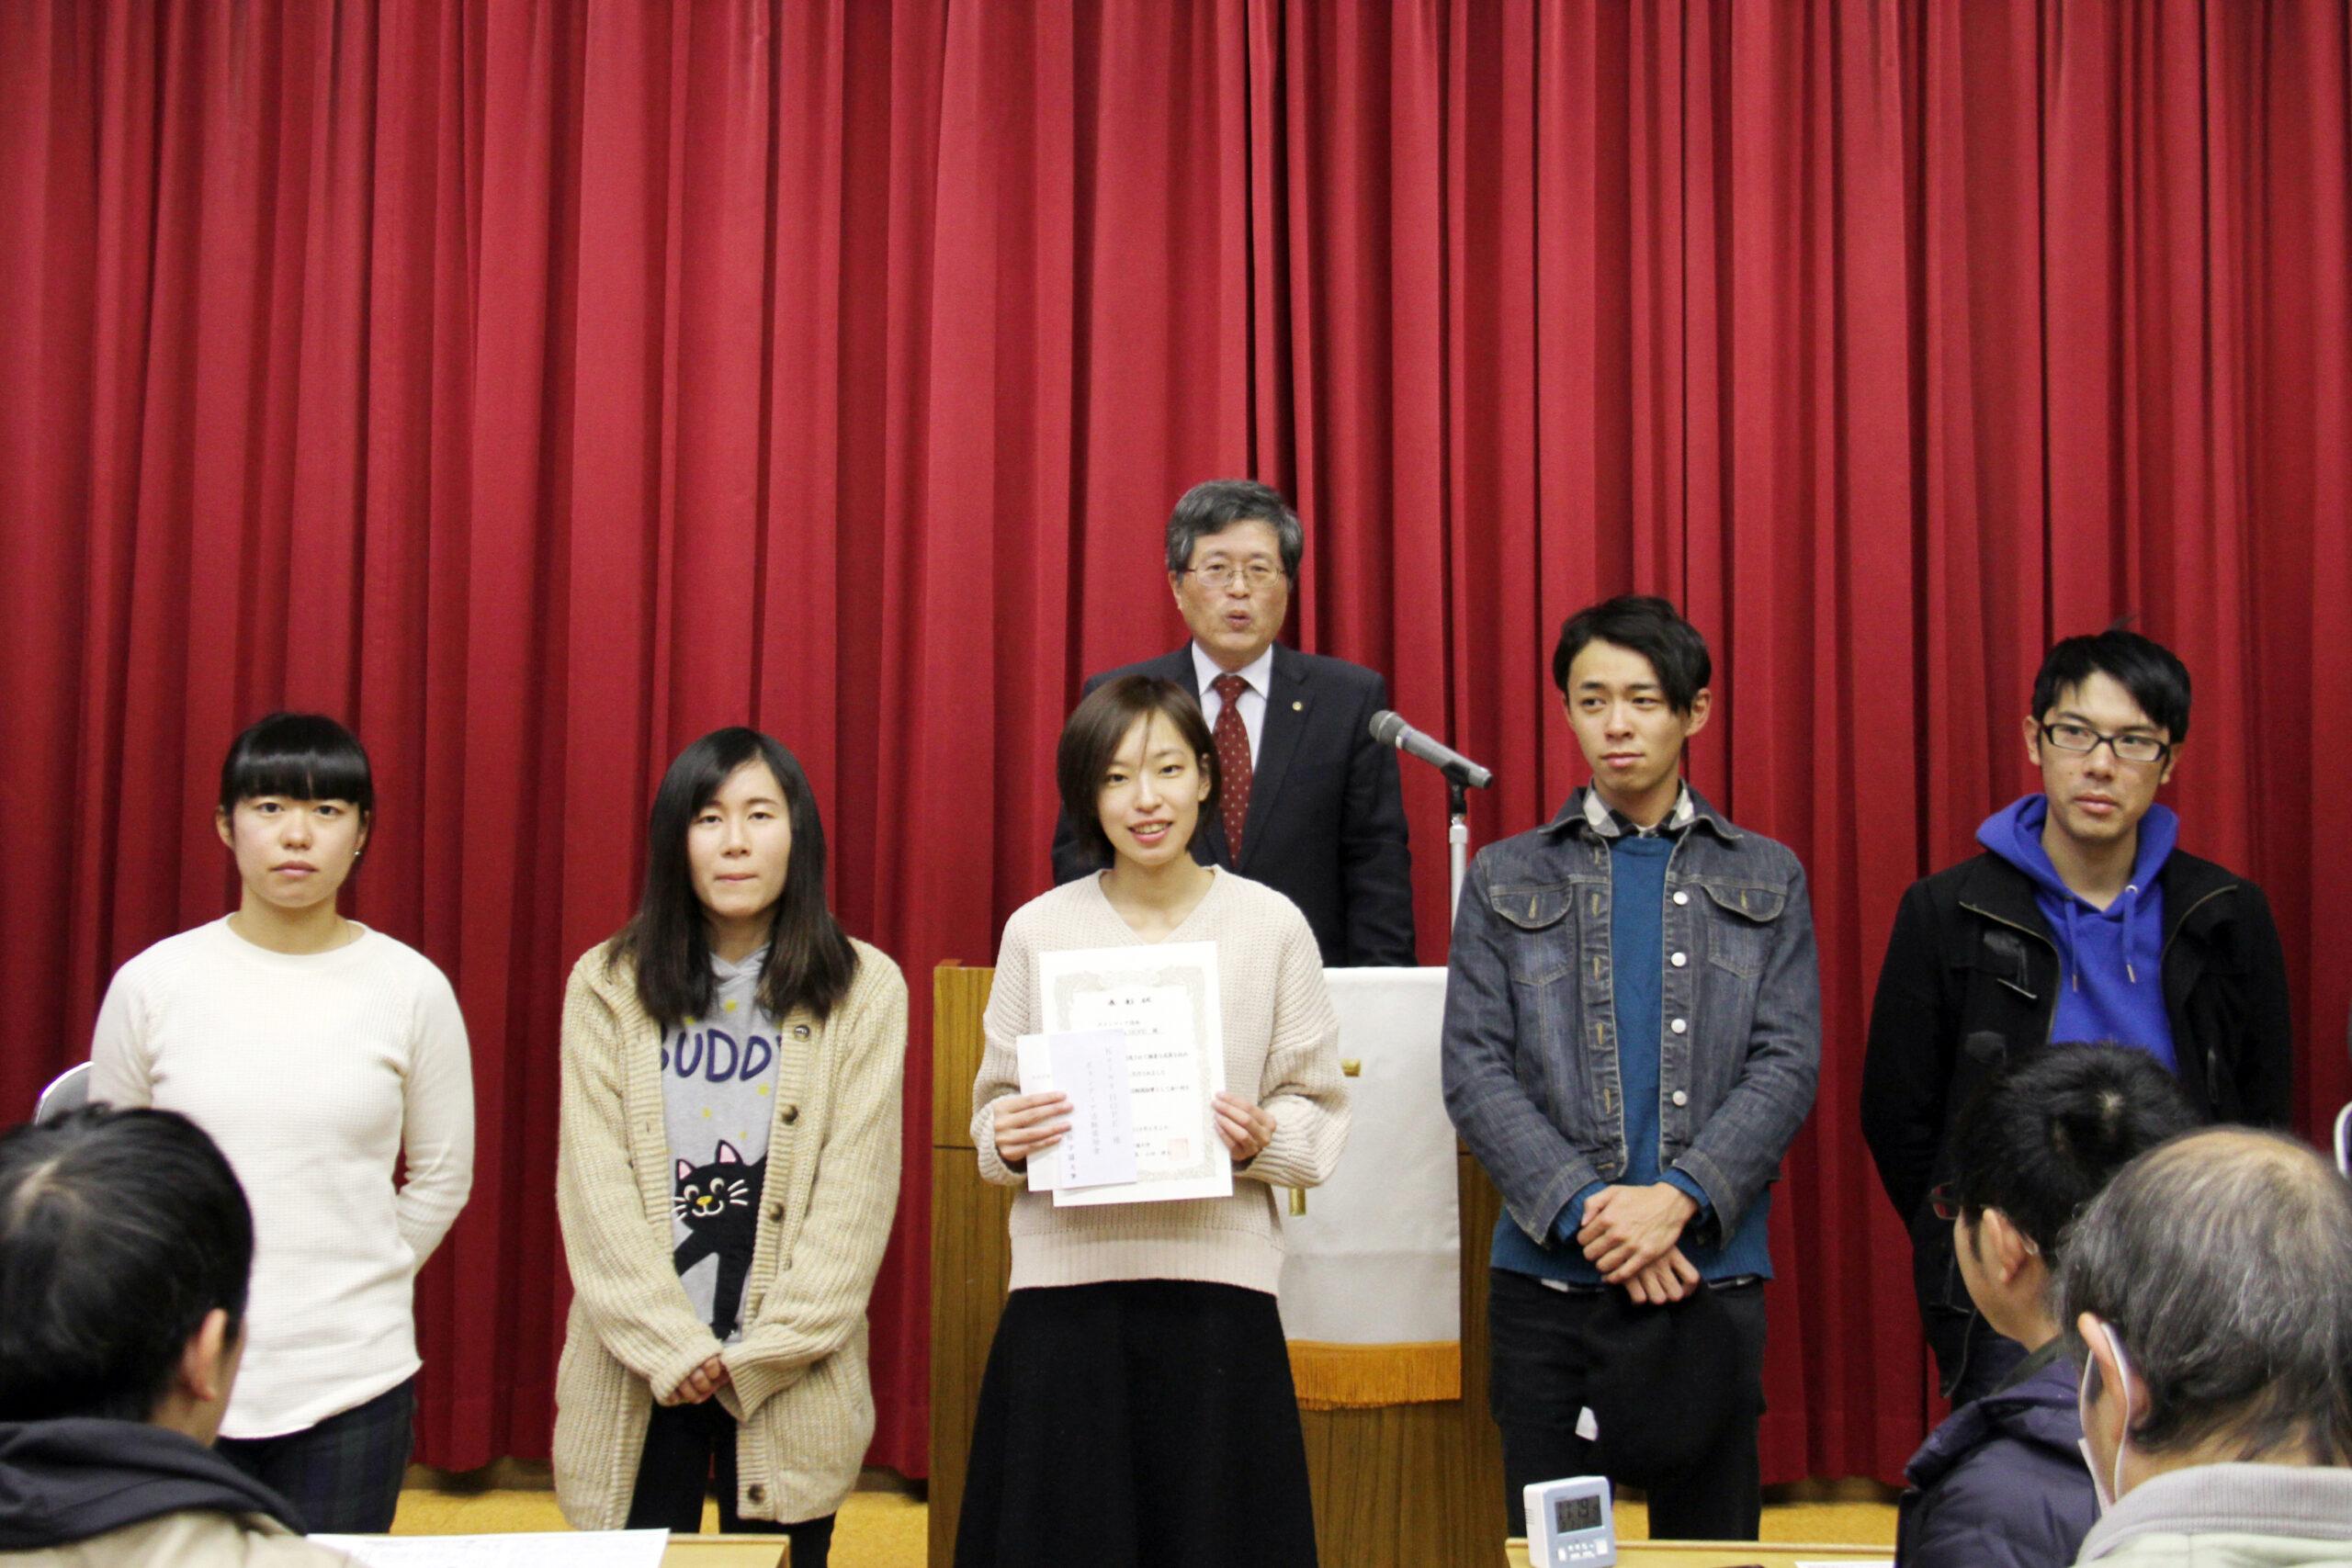 さまざまな学生表彰が続きました